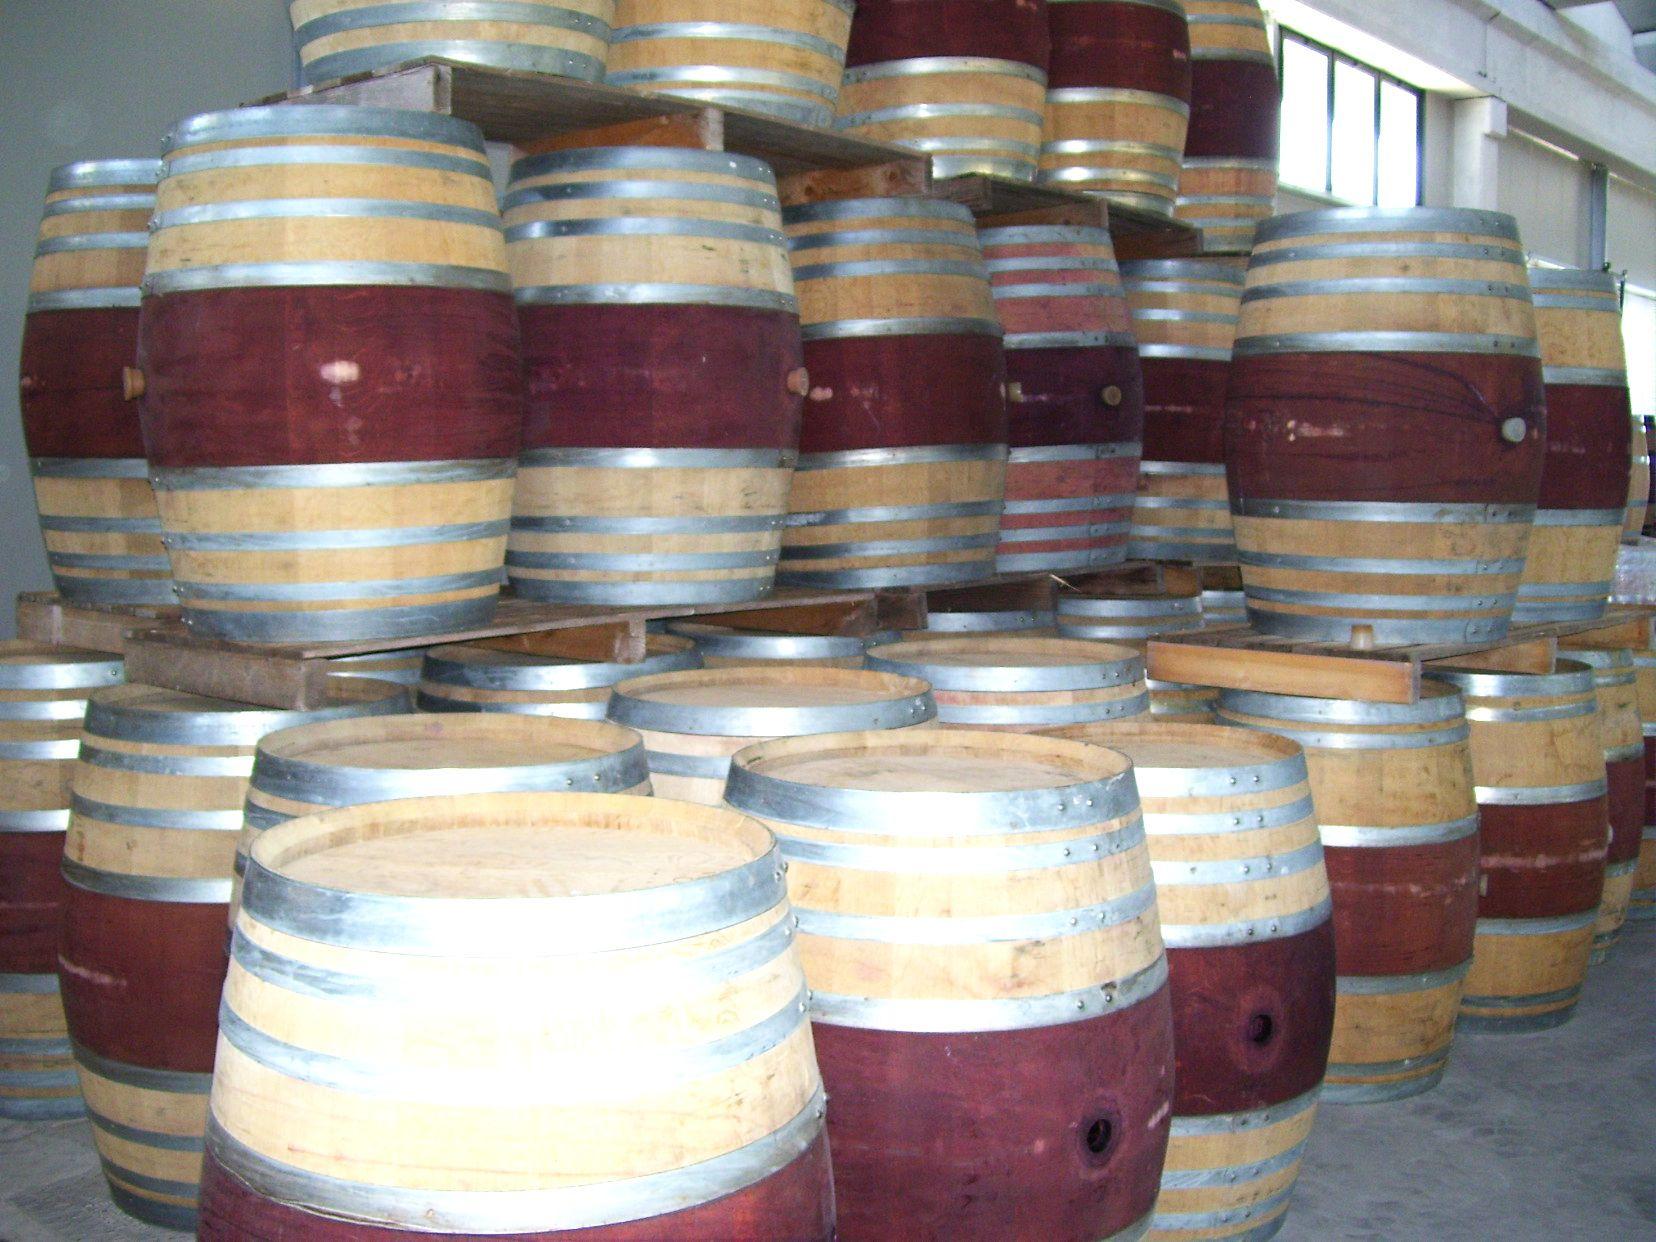 Botte Arredamento ~ 1028 barrique usate da 300 litri alte 102 cm briganti srl